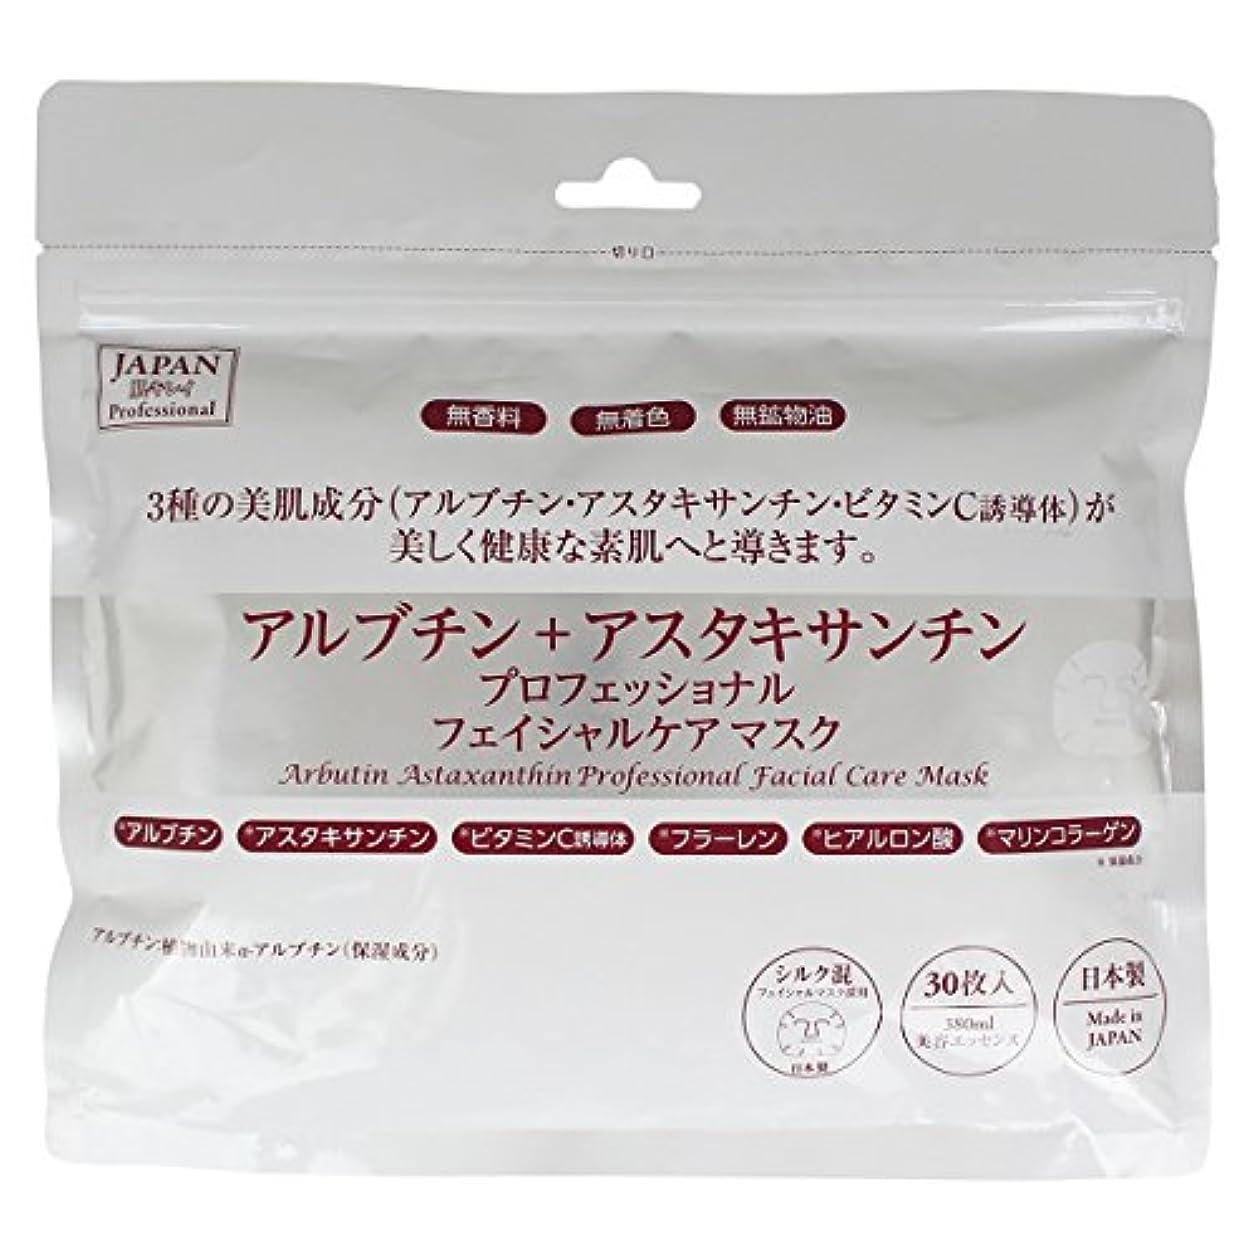 混合感度アッティカスプロフェッショナル フェイスマスク アルブチン+アスタキサンチン 30枚入